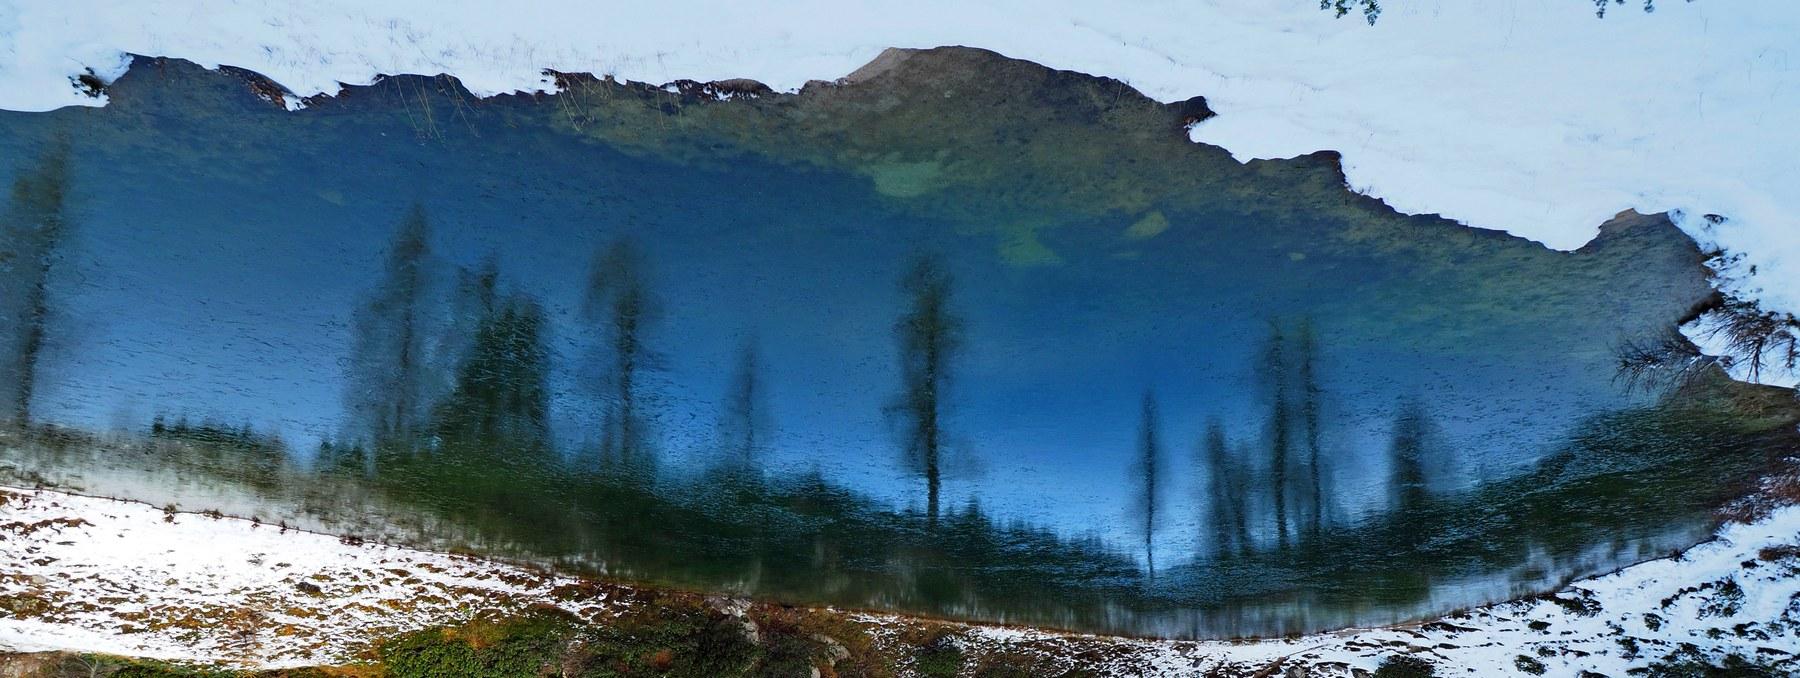 Einfach umdrehen: See auf dem Kopf. Tauplitzalm, Steiermark, Österreich.